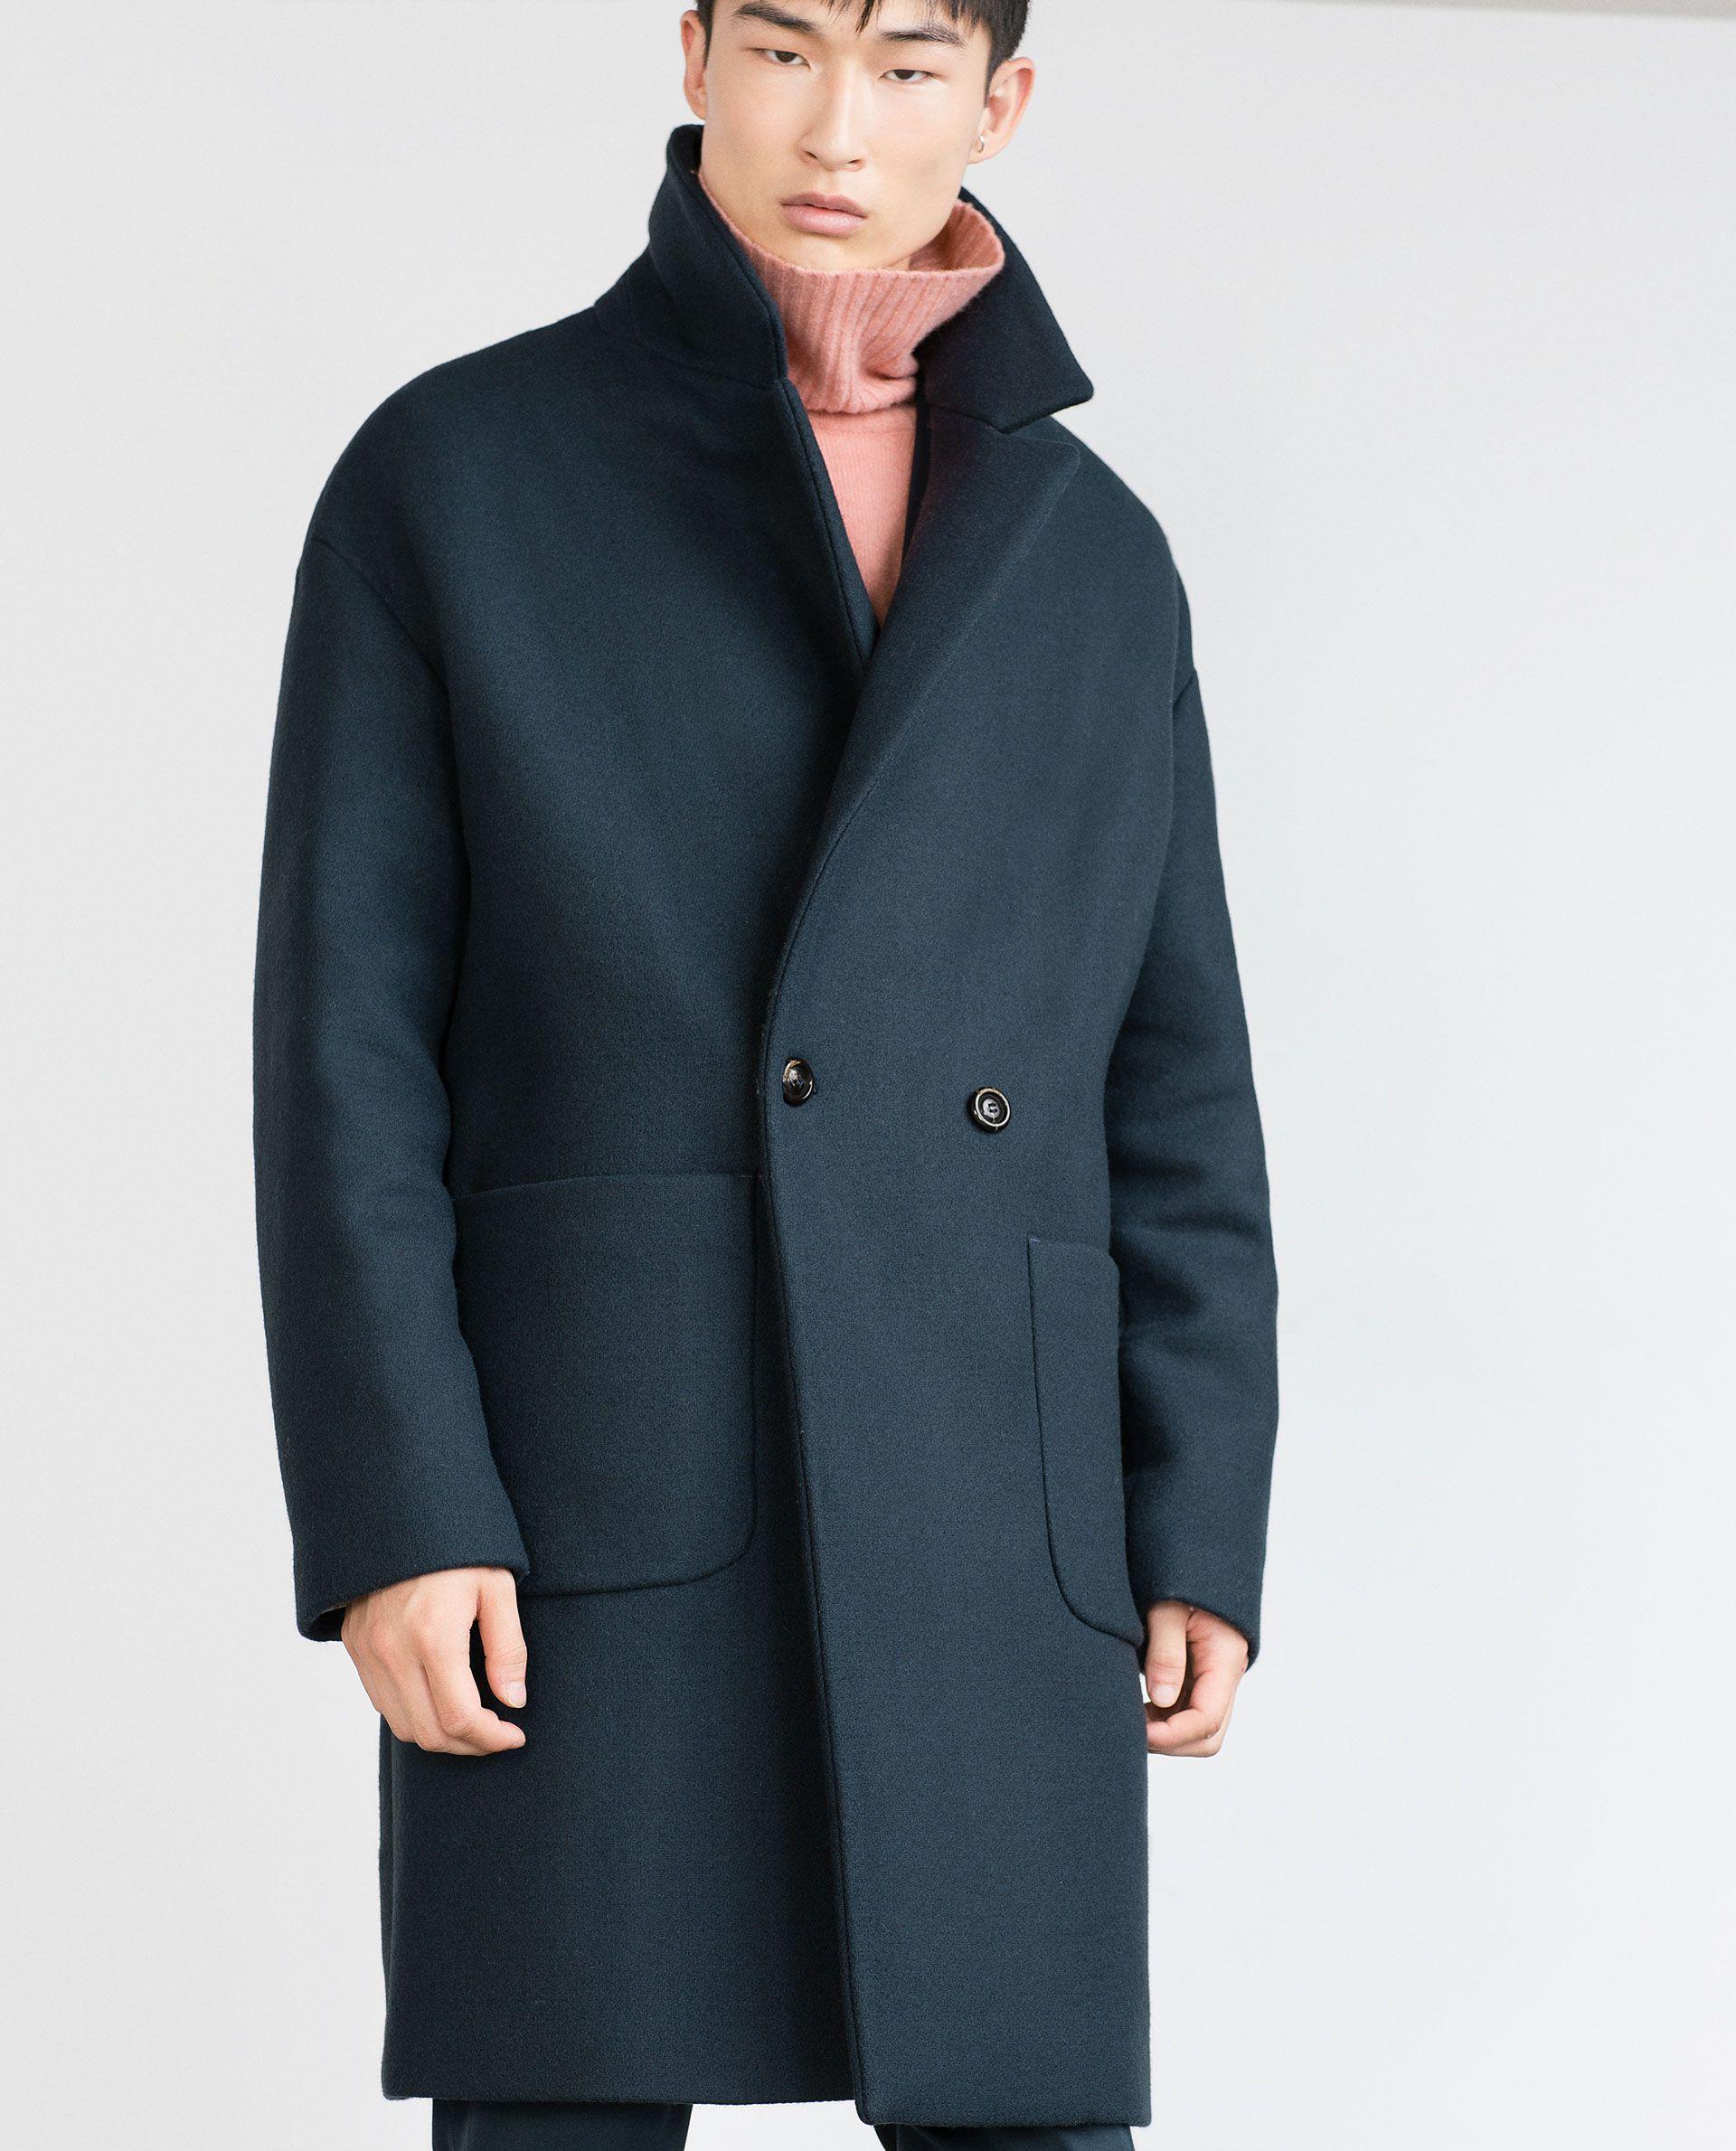 OVERSIZED COAT - Coats and Trench coats - MAN - SALE | ZARA ...